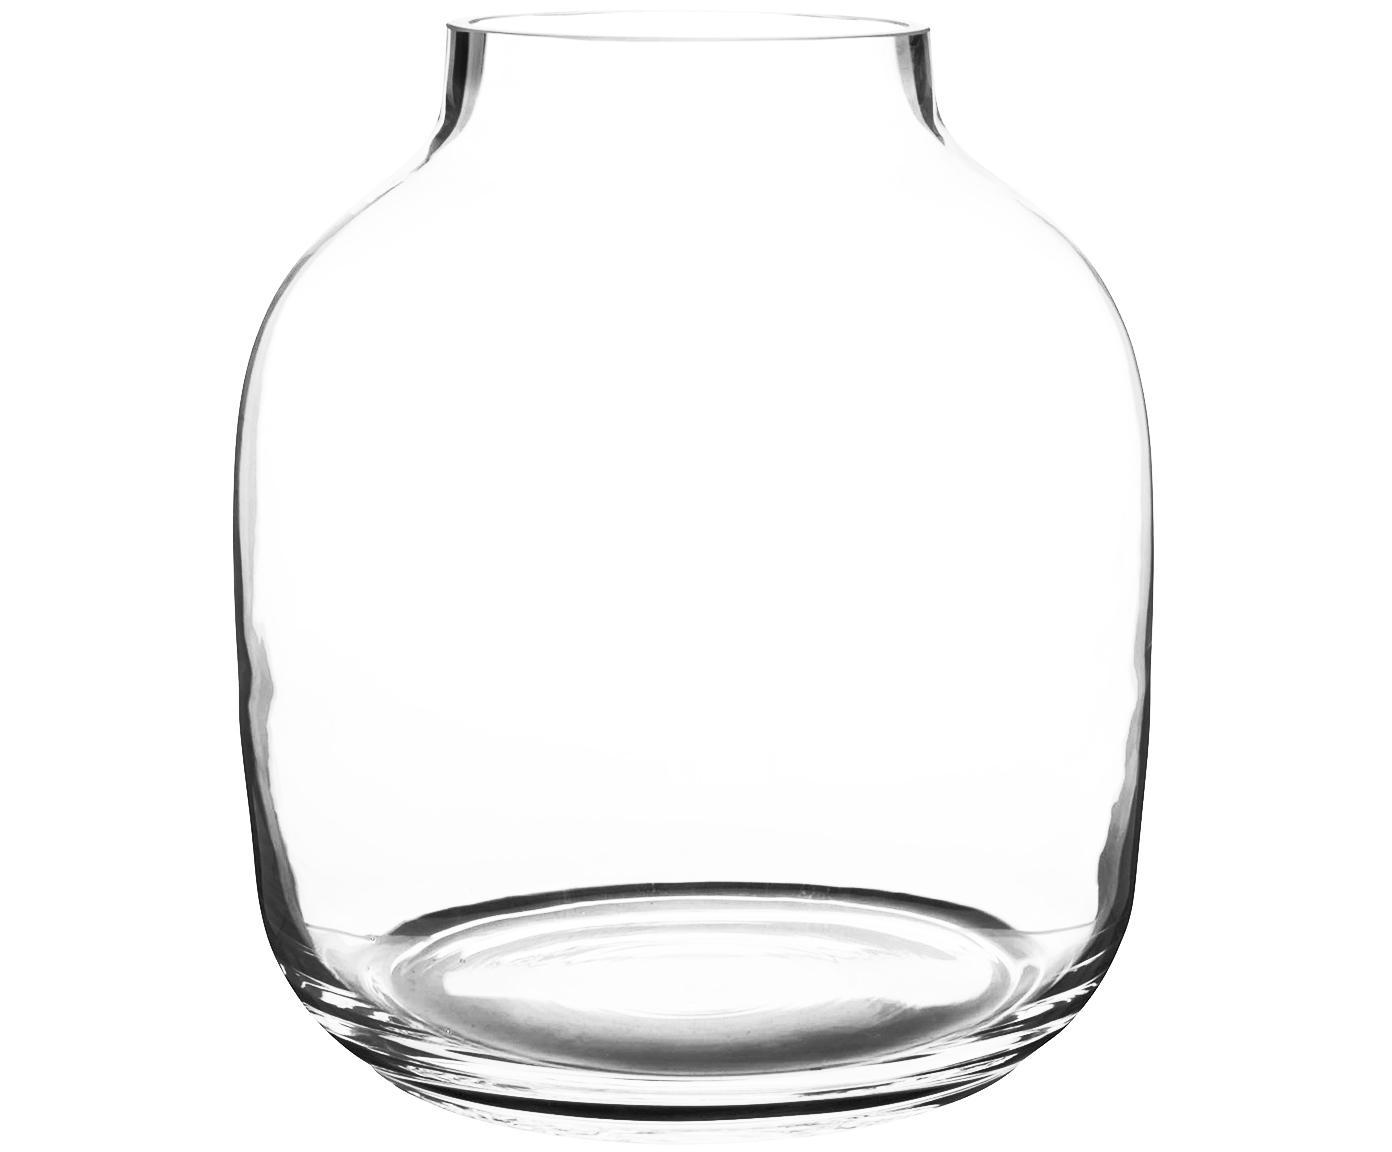 Vaso in vetro Yanna, Vetro, Trasparente, Ø 26 x Alt. 29 cm